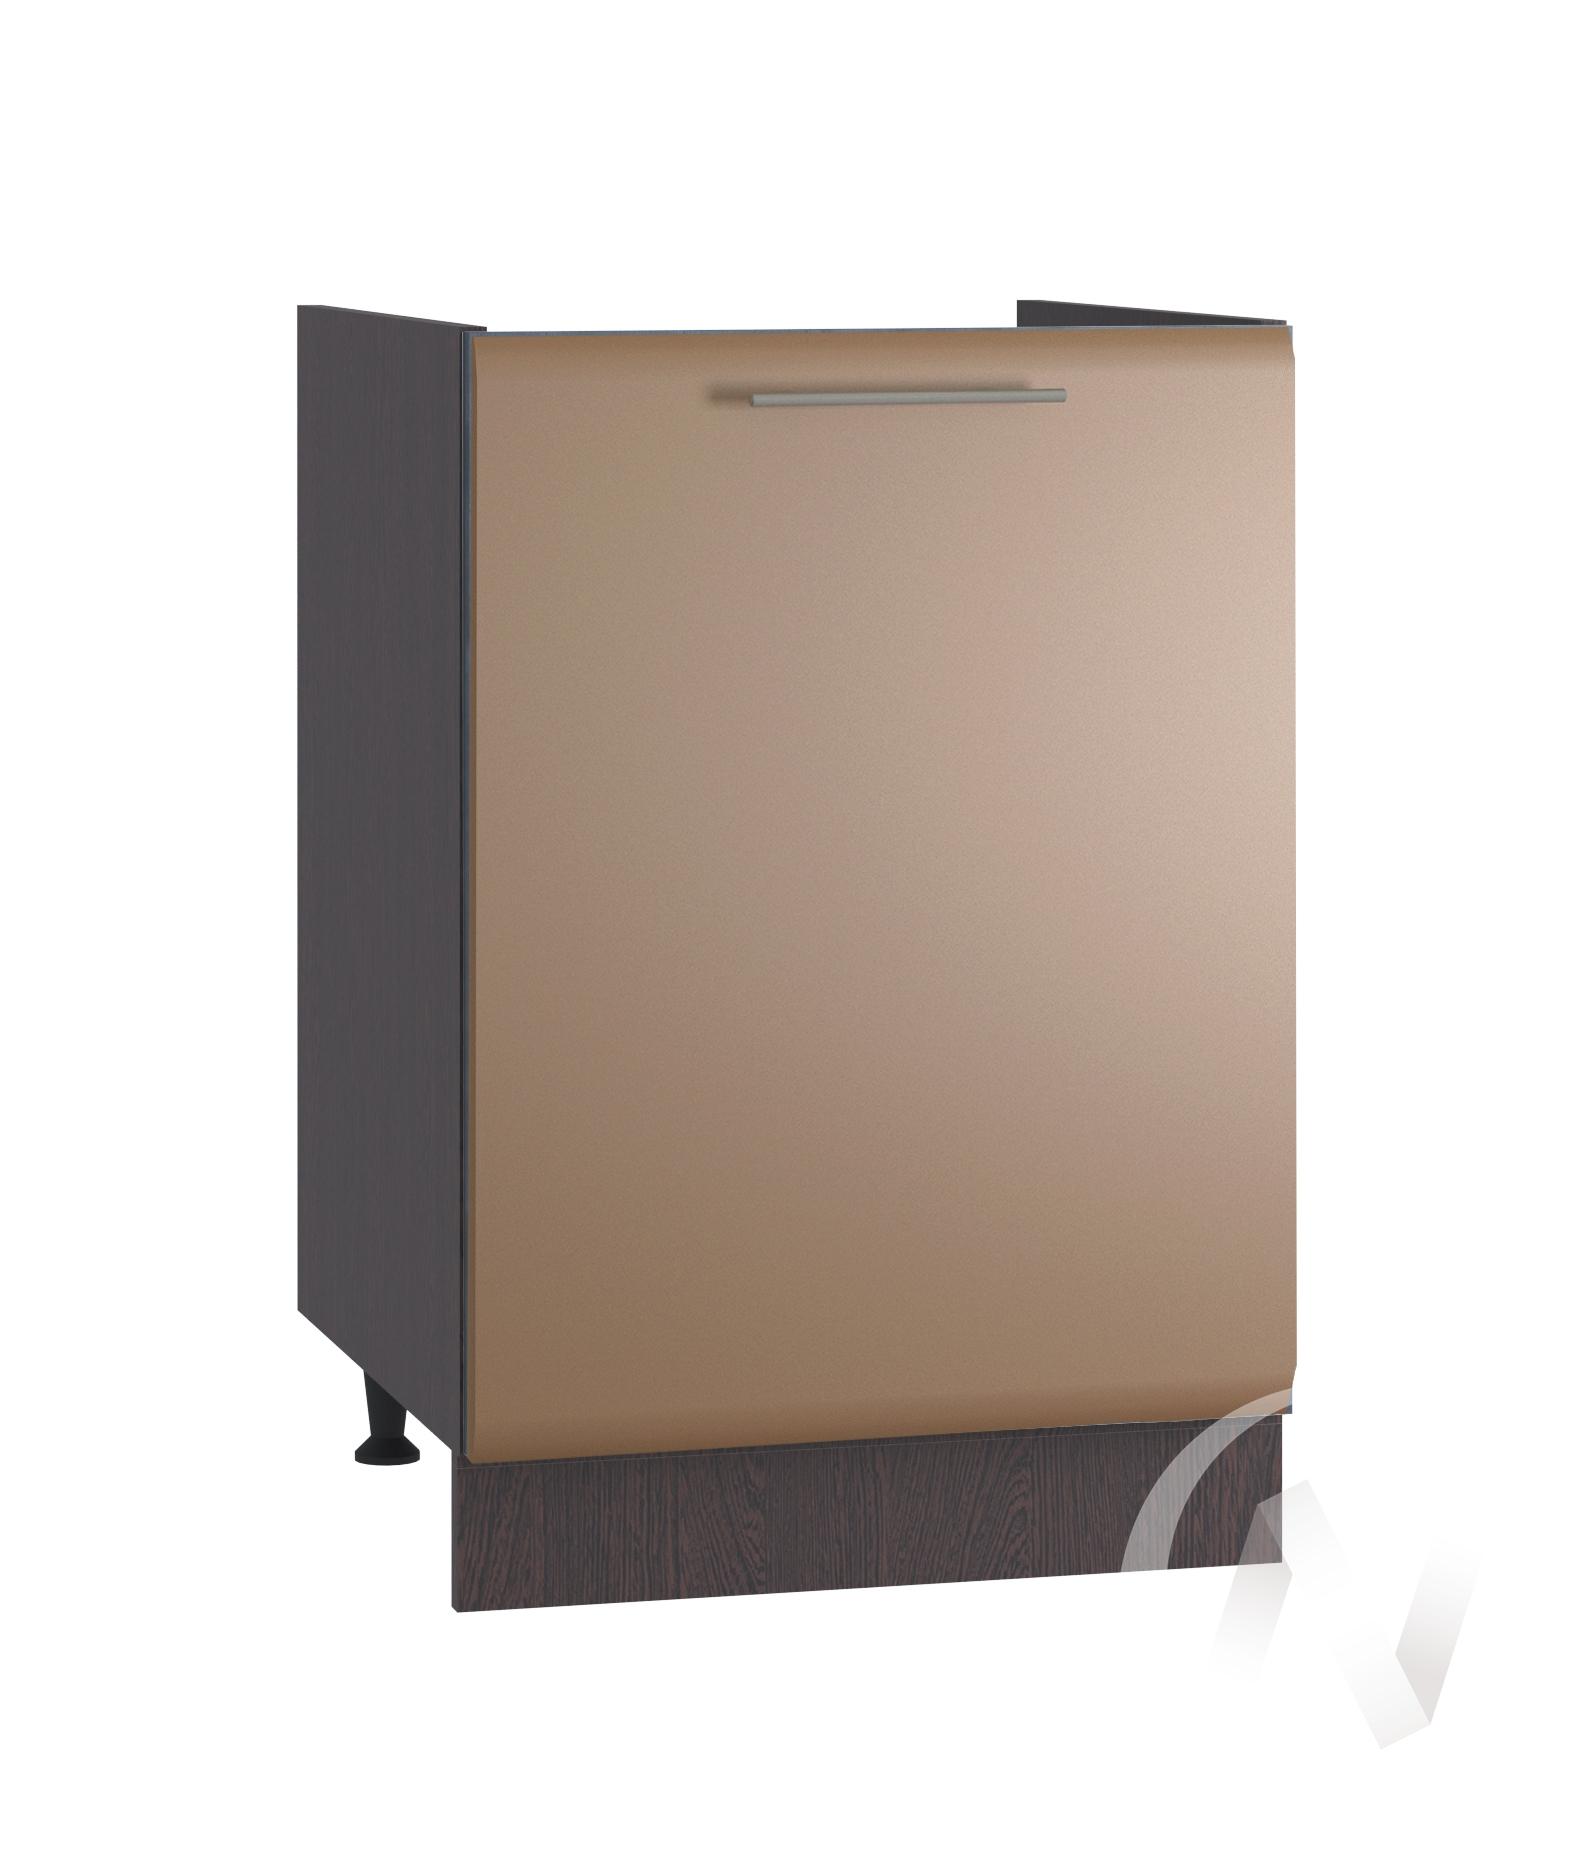 """Кухня """"Люкс"""": Шкаф нижний под мойку 500, ШНМ 500 (Шоколад матовый/корпус венге)"""